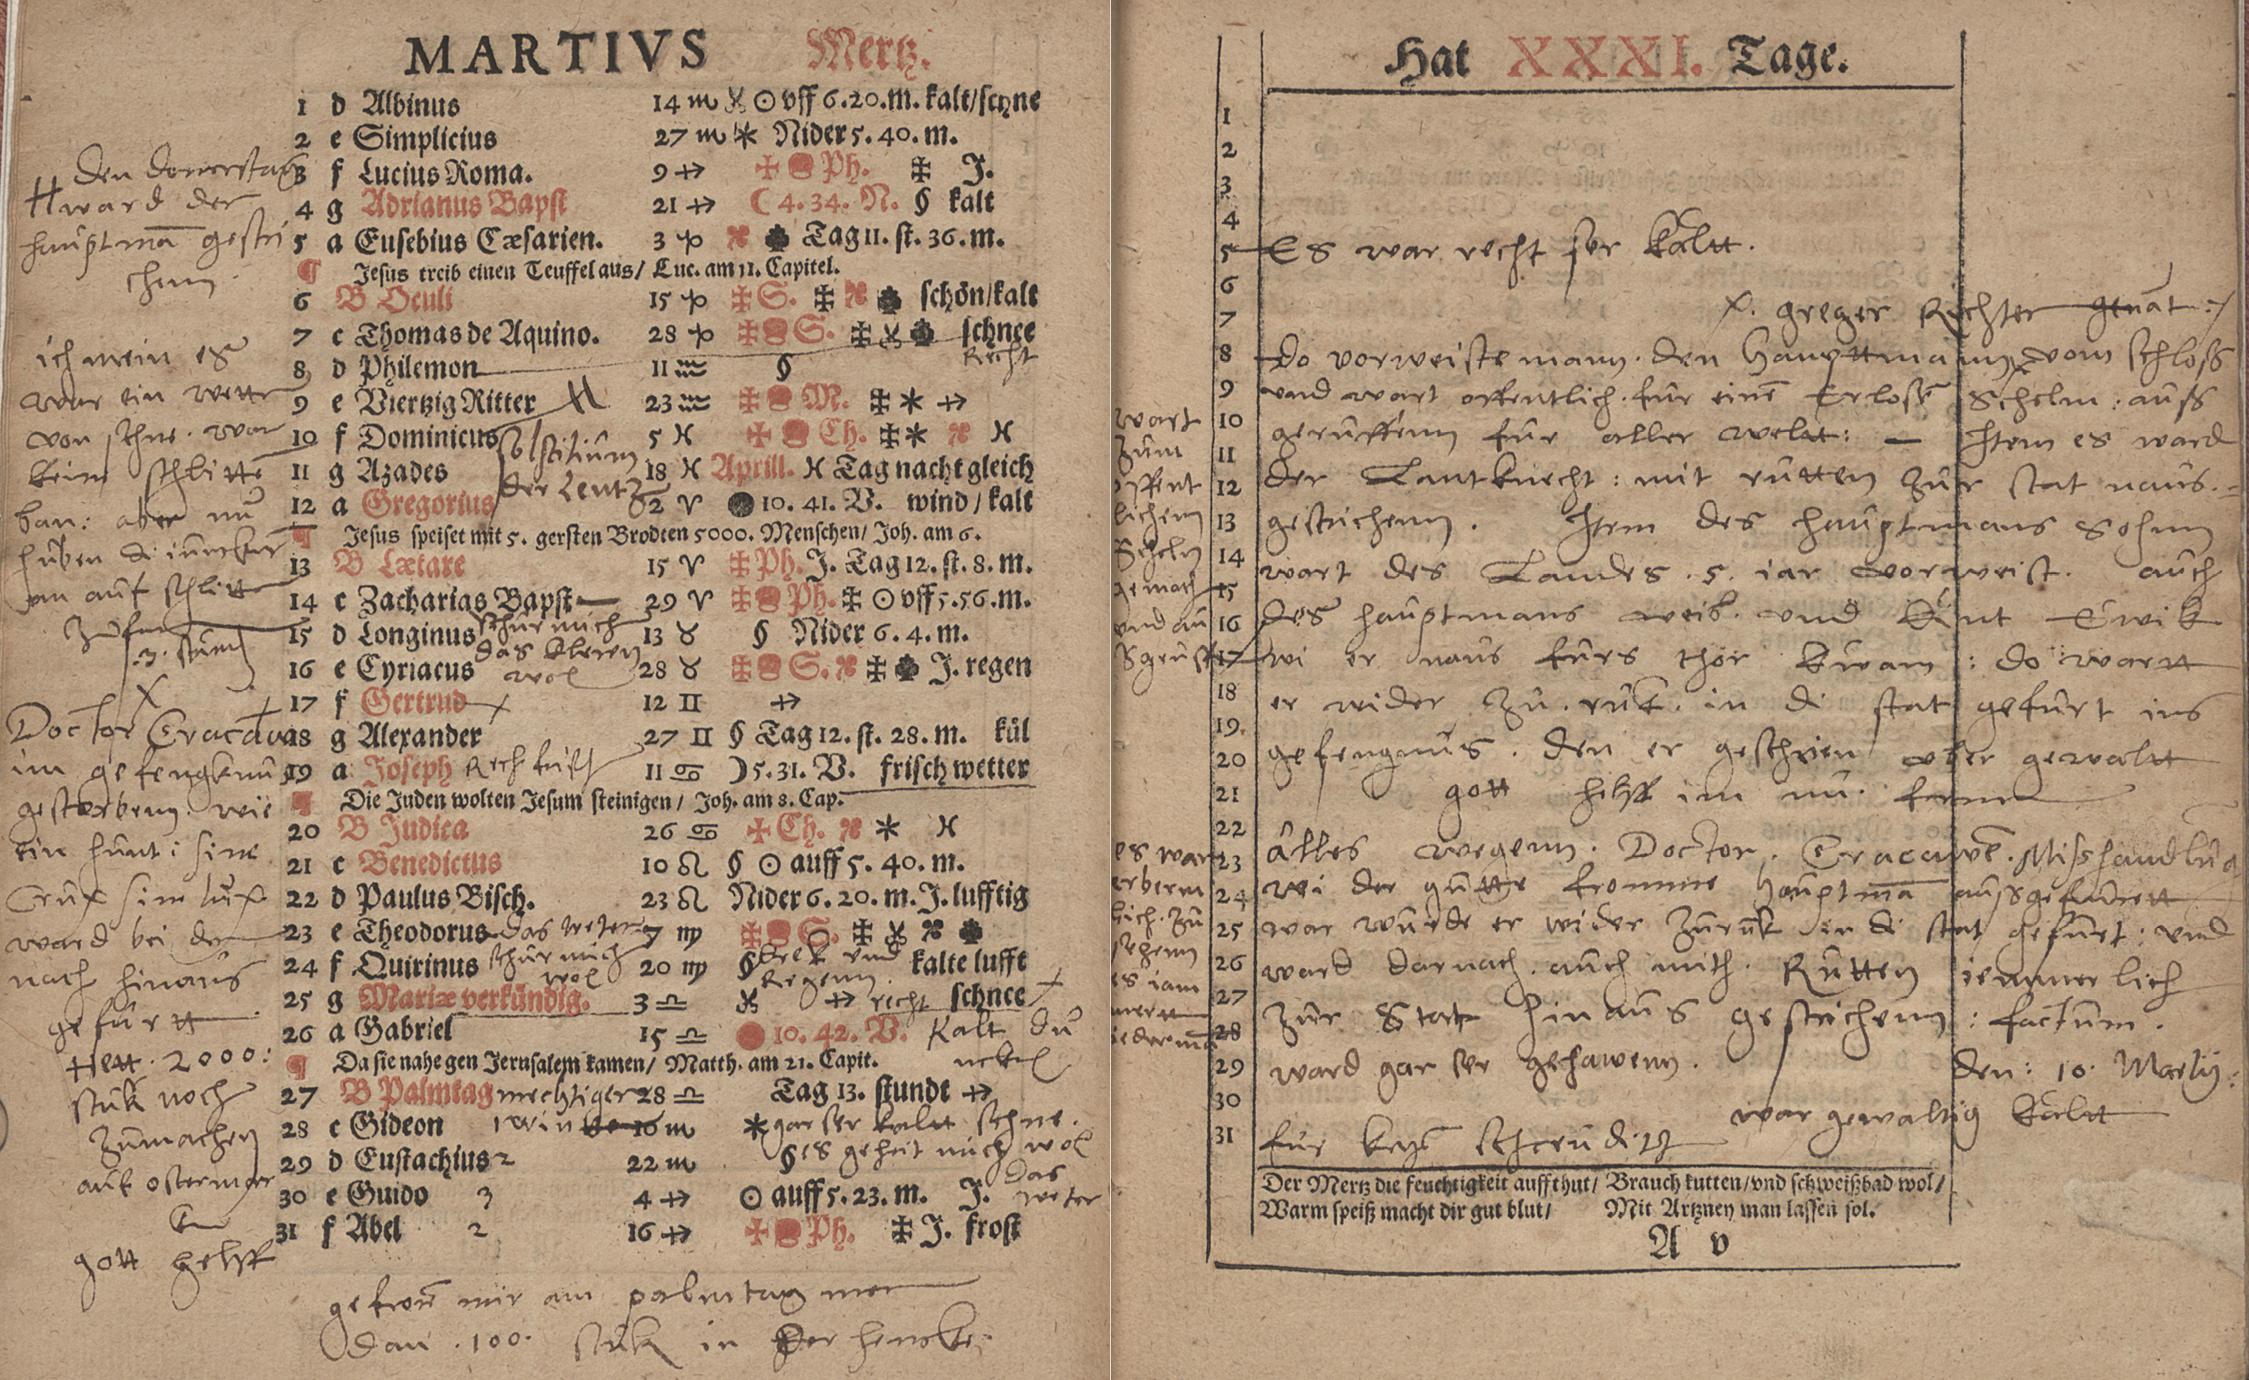 [anonymous owner], Gallus Emmen, Almanach und Schreibkalender auffs 1575. Jahr […], Bautzen: Michael Wolrab [1574] (Bayerische Staatsbibliothek München: Res. Chrlg. 323n), A4vf.